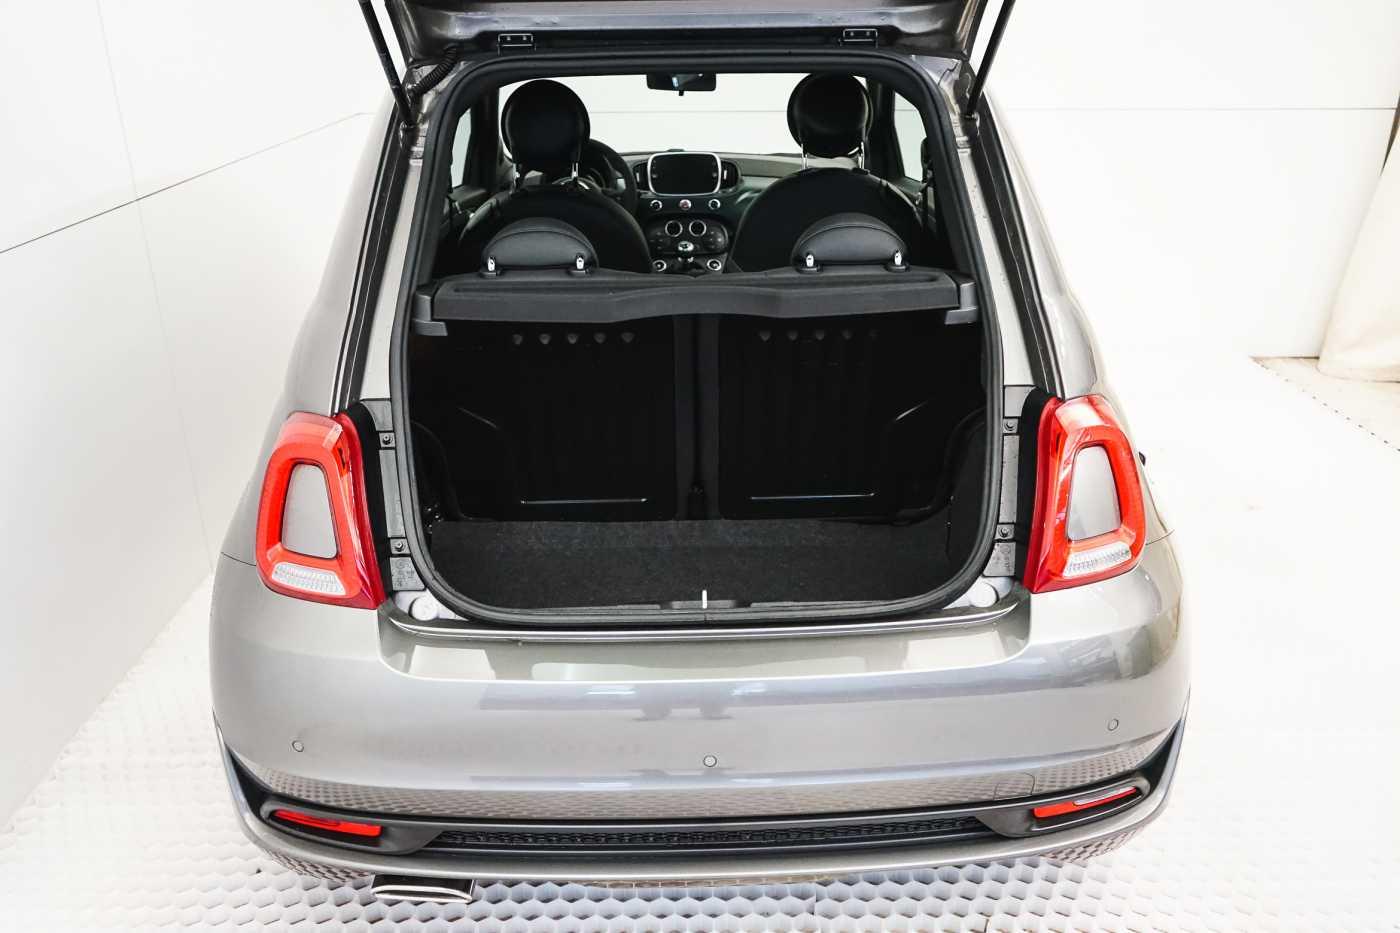 Fiat 500 1.2i Rockstar (EU6d-TEMP) 7/29